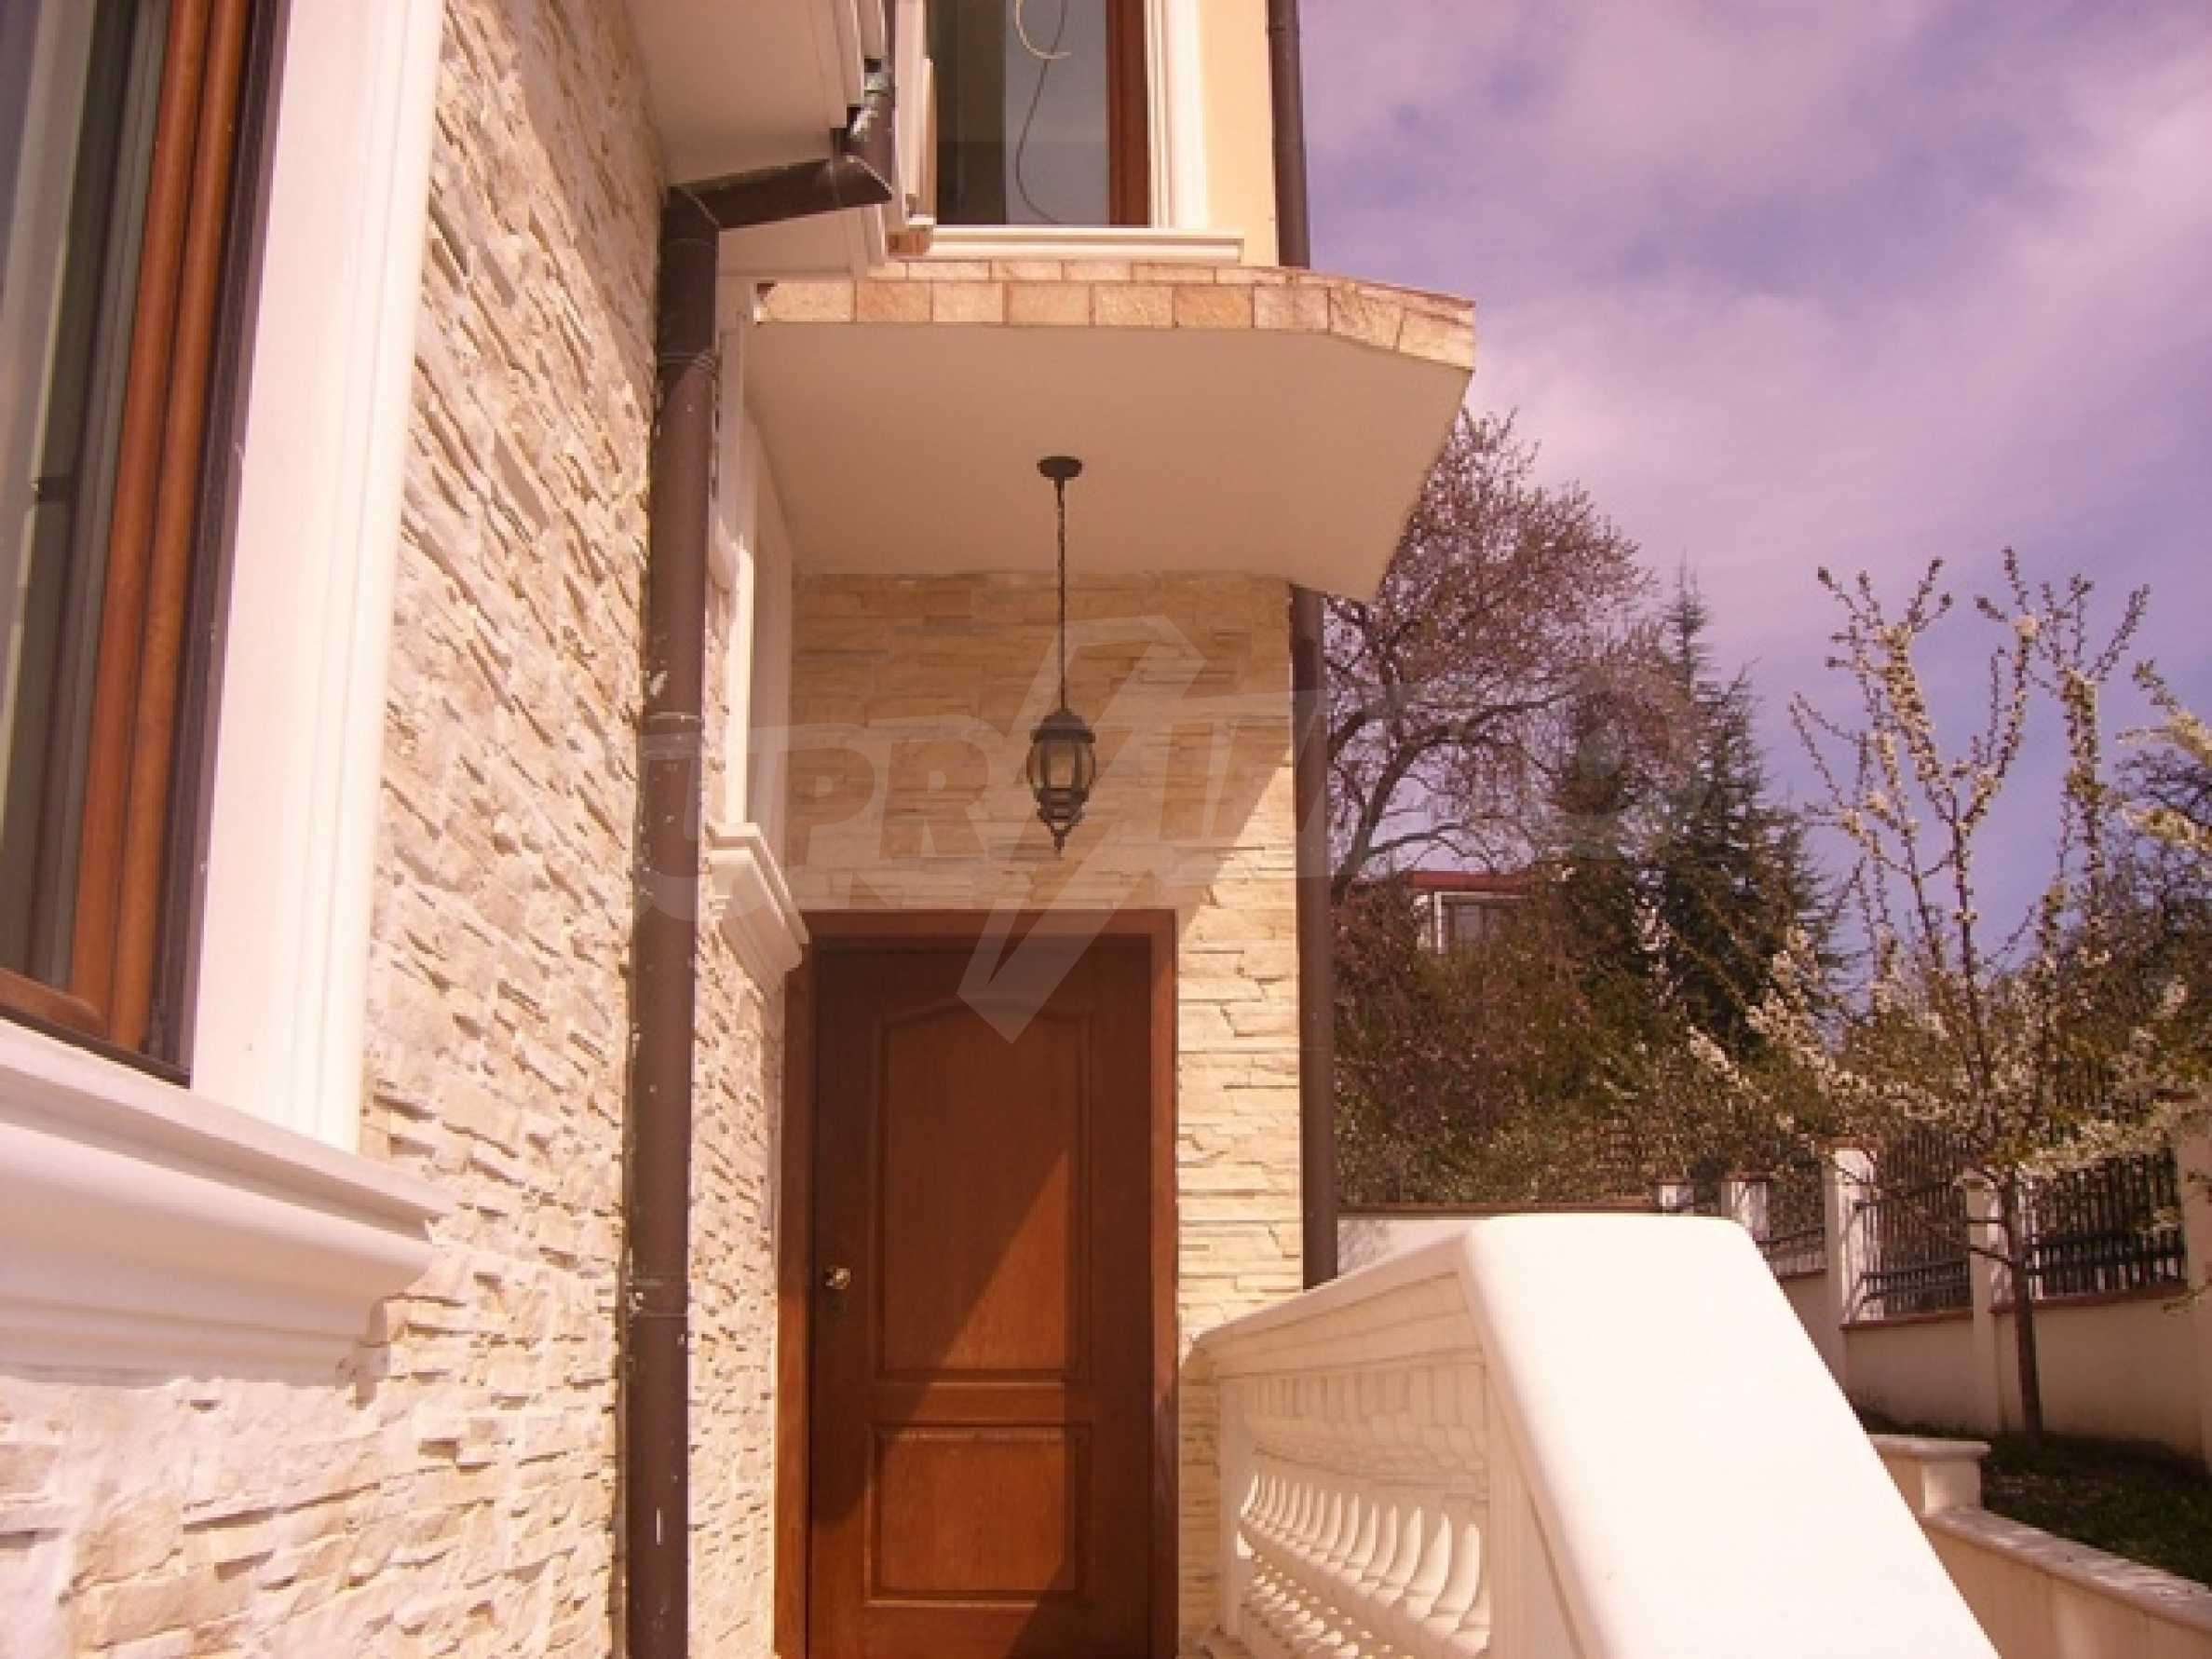 Residenz bulgarischen Traumhaus 3